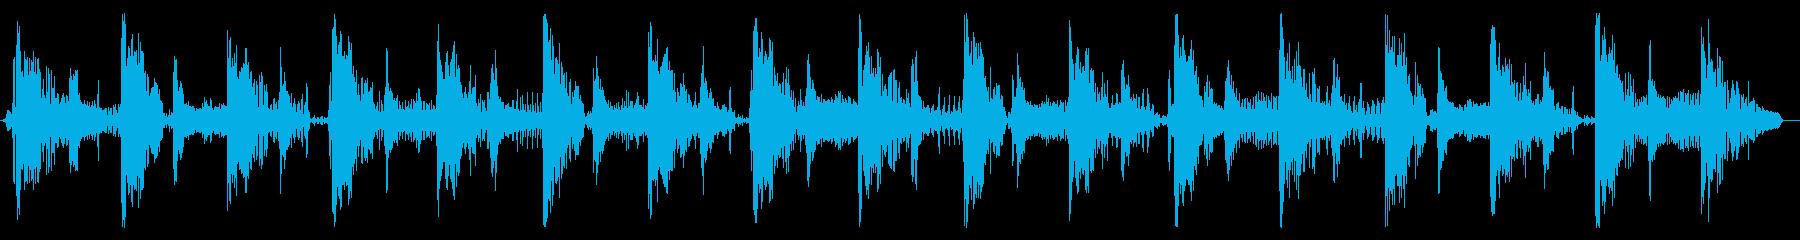 ベース生演奏のクールスラップジングル08の再生済みの波形